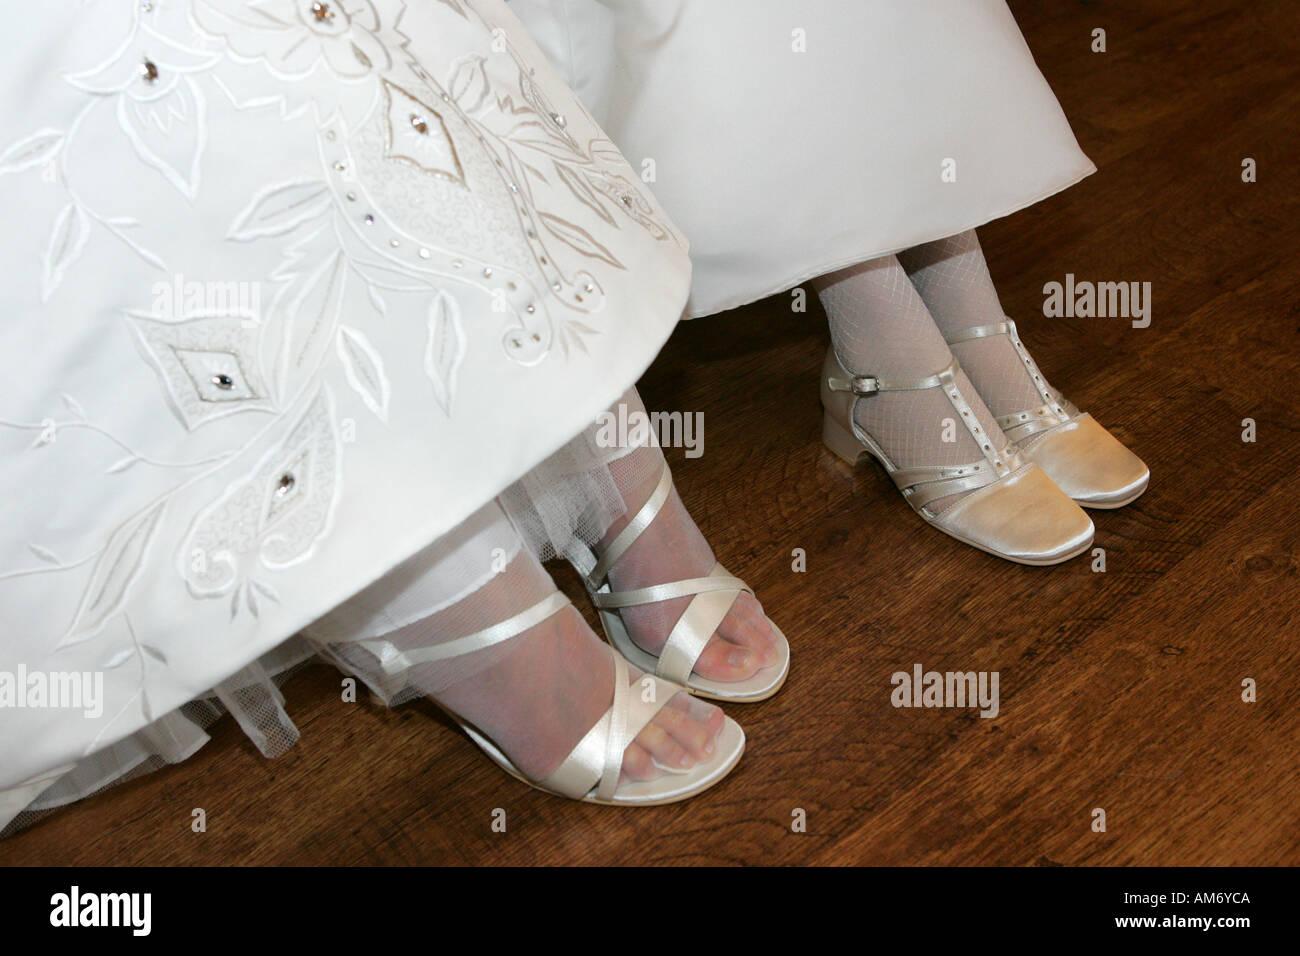 Nahaufnahme einer Bräute weiße Hochzeitsschuhe und Kleidung und